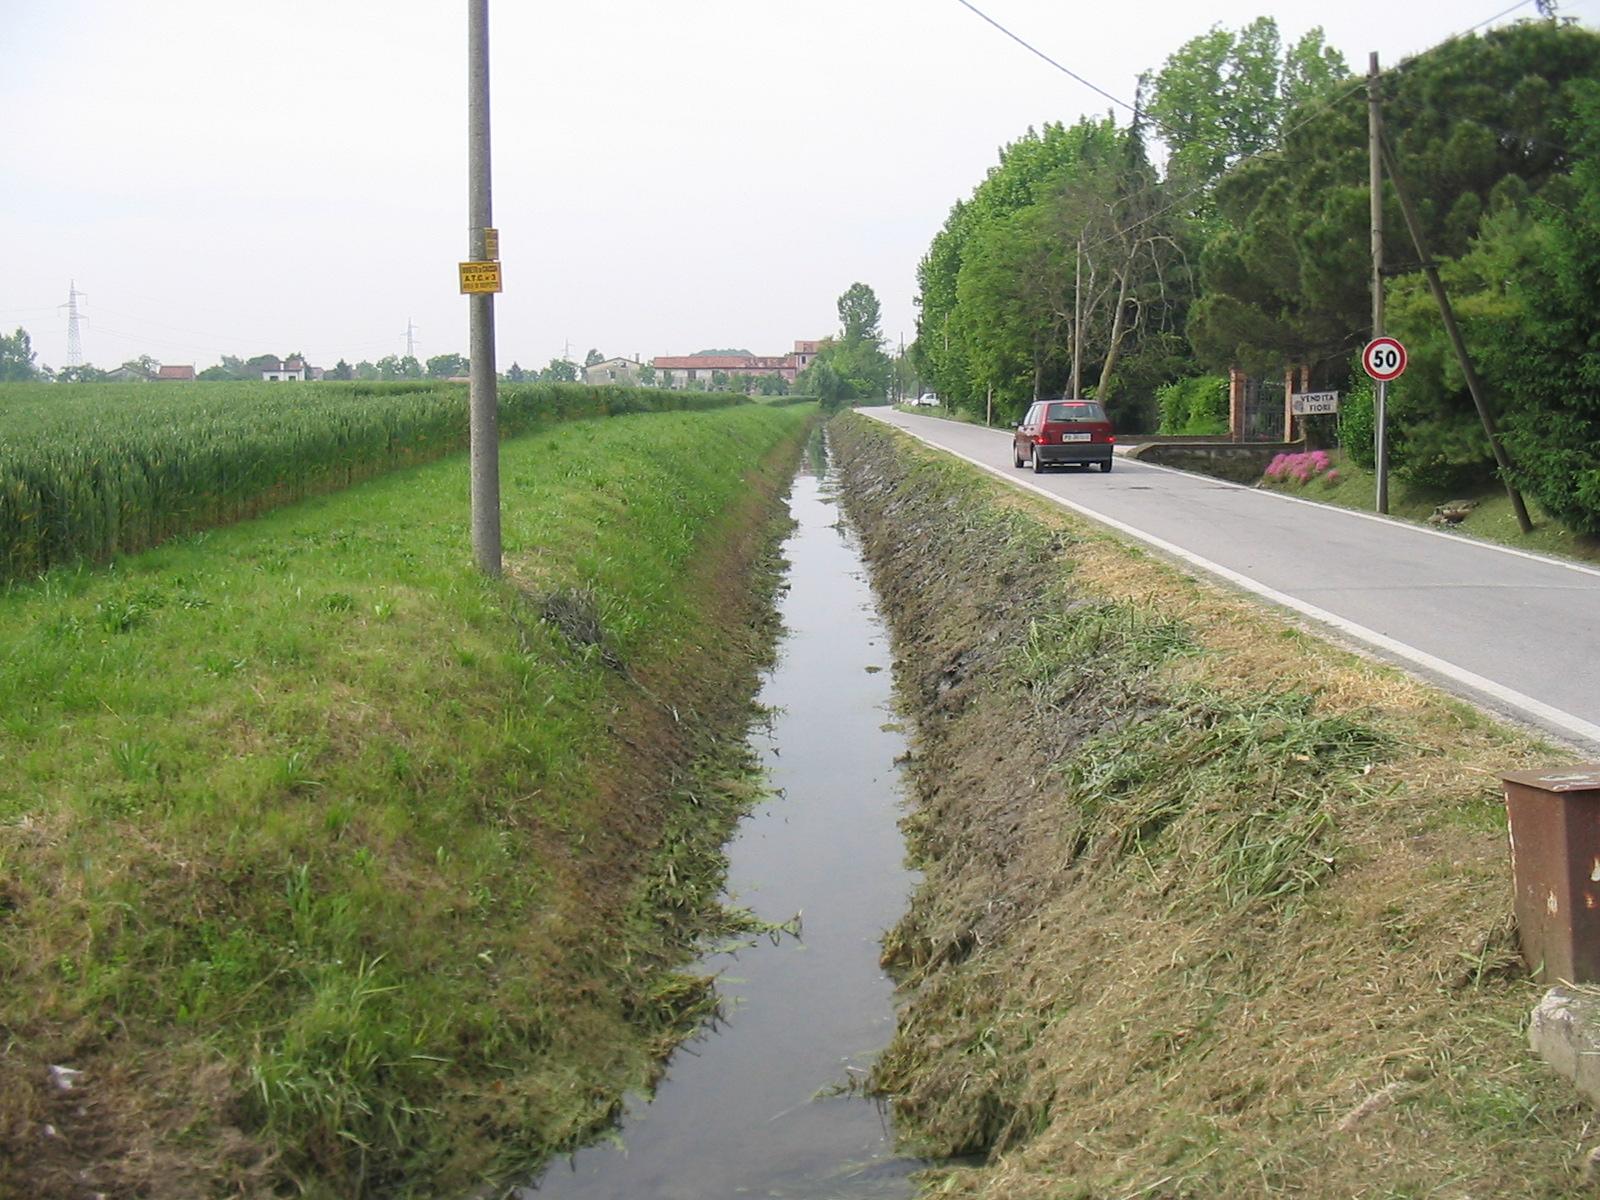 La manutenzione dei canali - Servitu di passaggio manutenzione ...